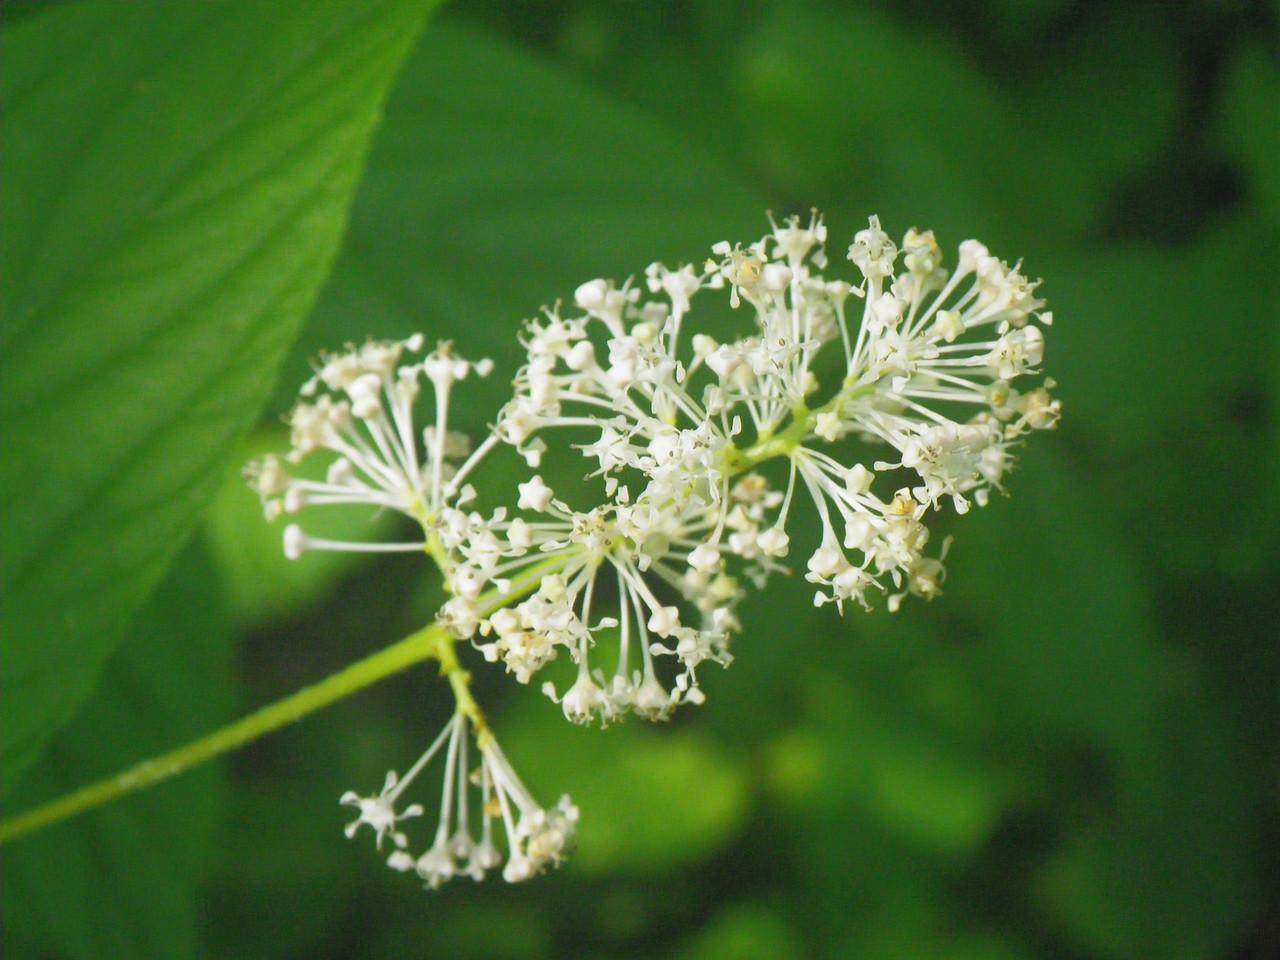 Rhamnaceae -  Ceanothus americanus - New Jersey Tea